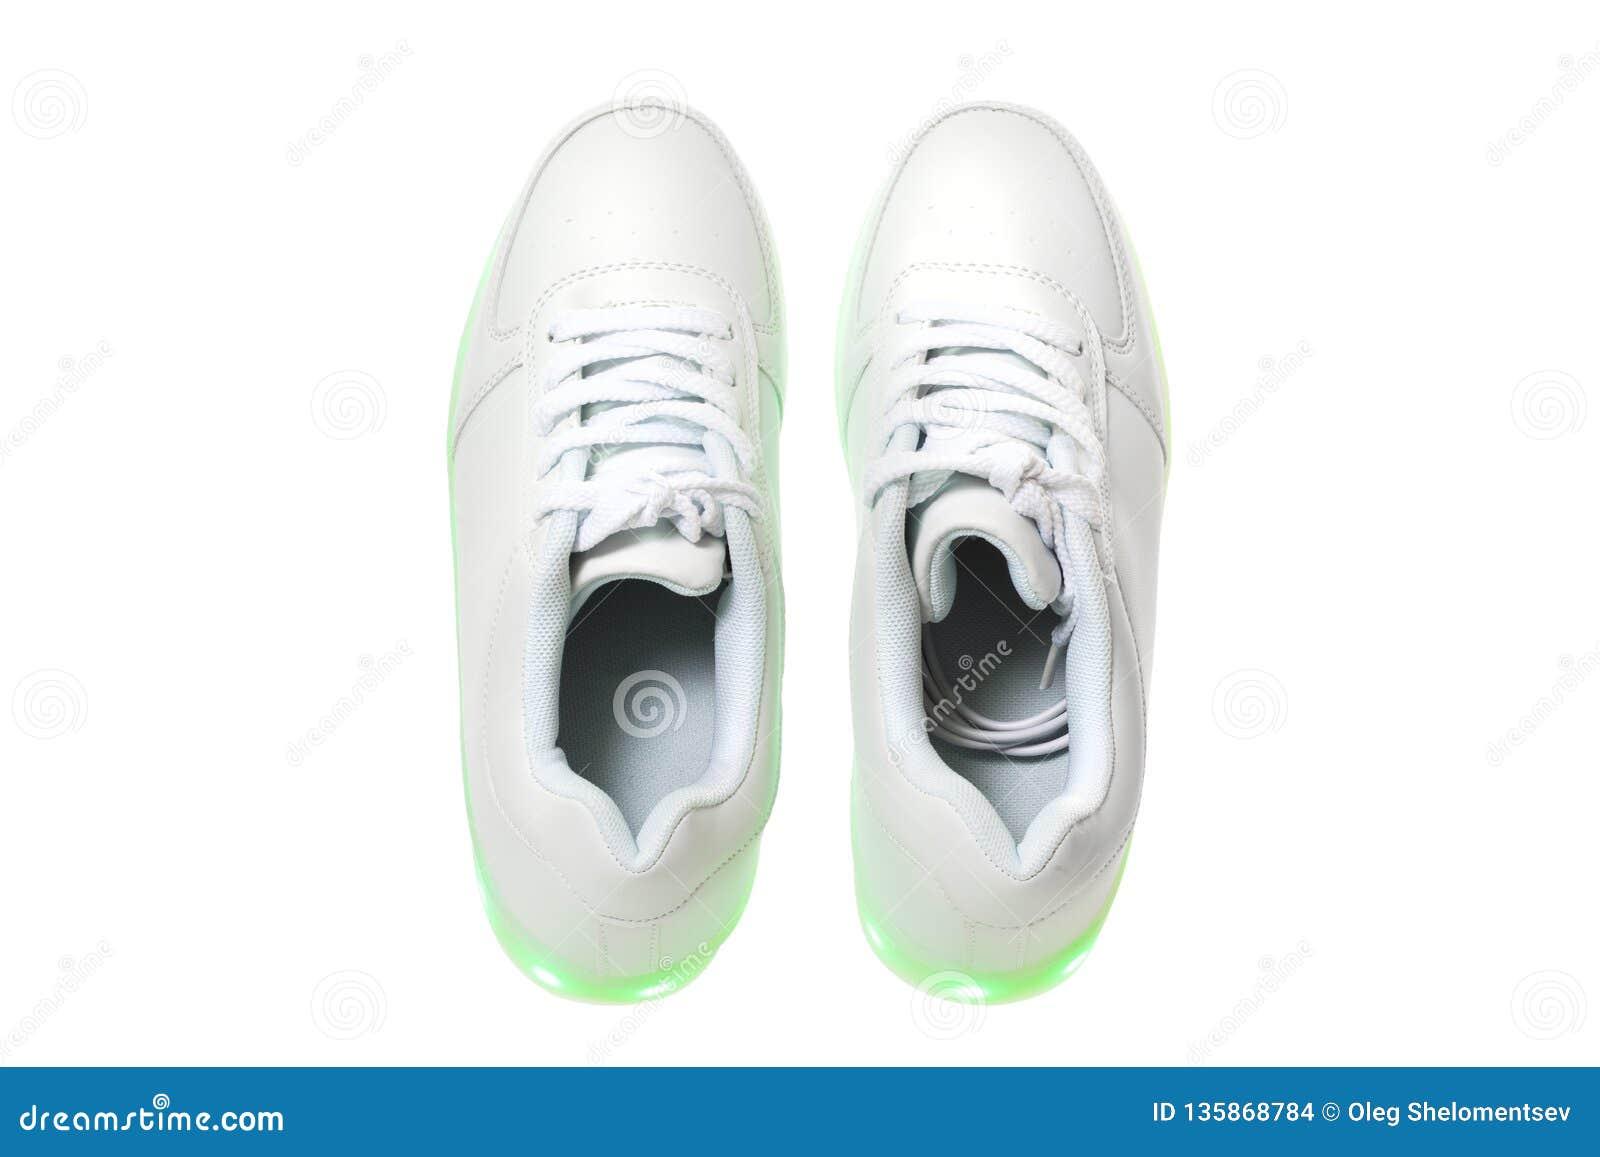 Weiße sneackers mit geführter heller Sohle